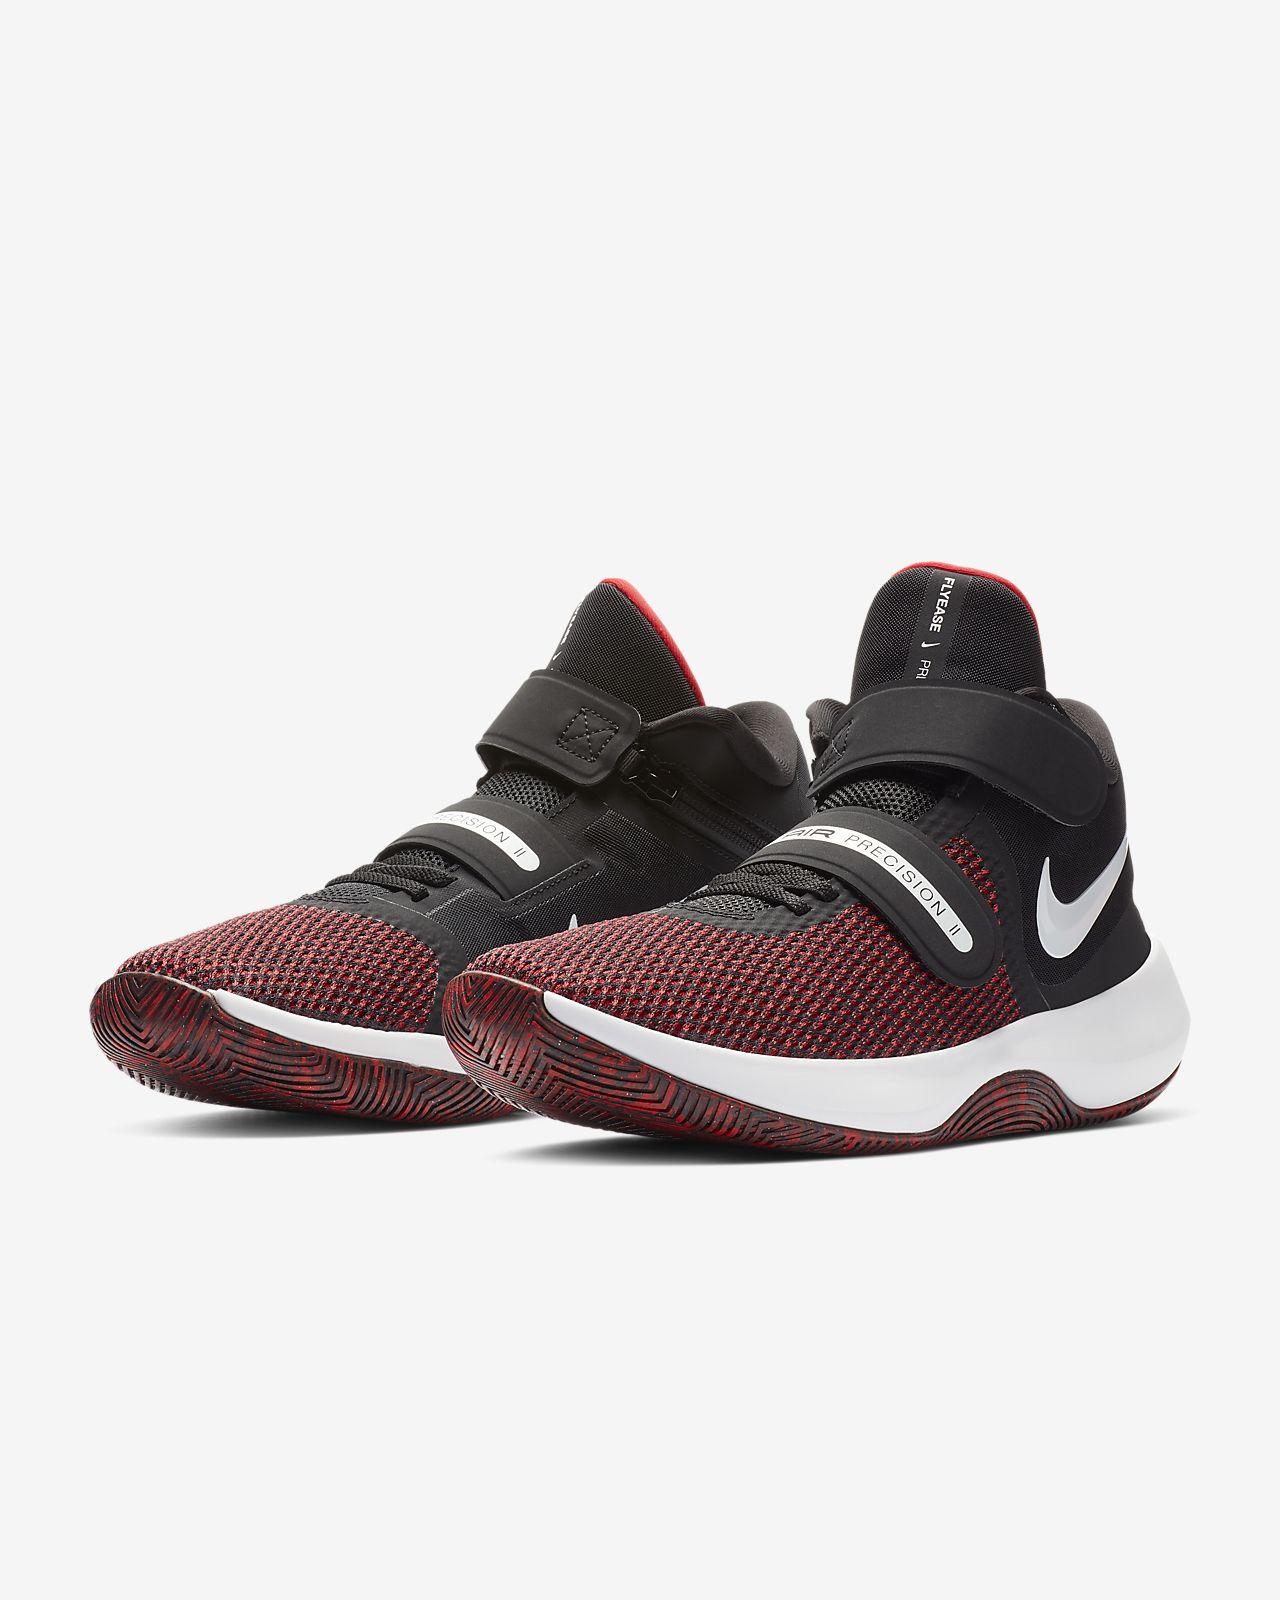 7afc7915410 Nike Air Precision 2 FlyEase Zapatillas de baloncesto - Hombre. Nike ...